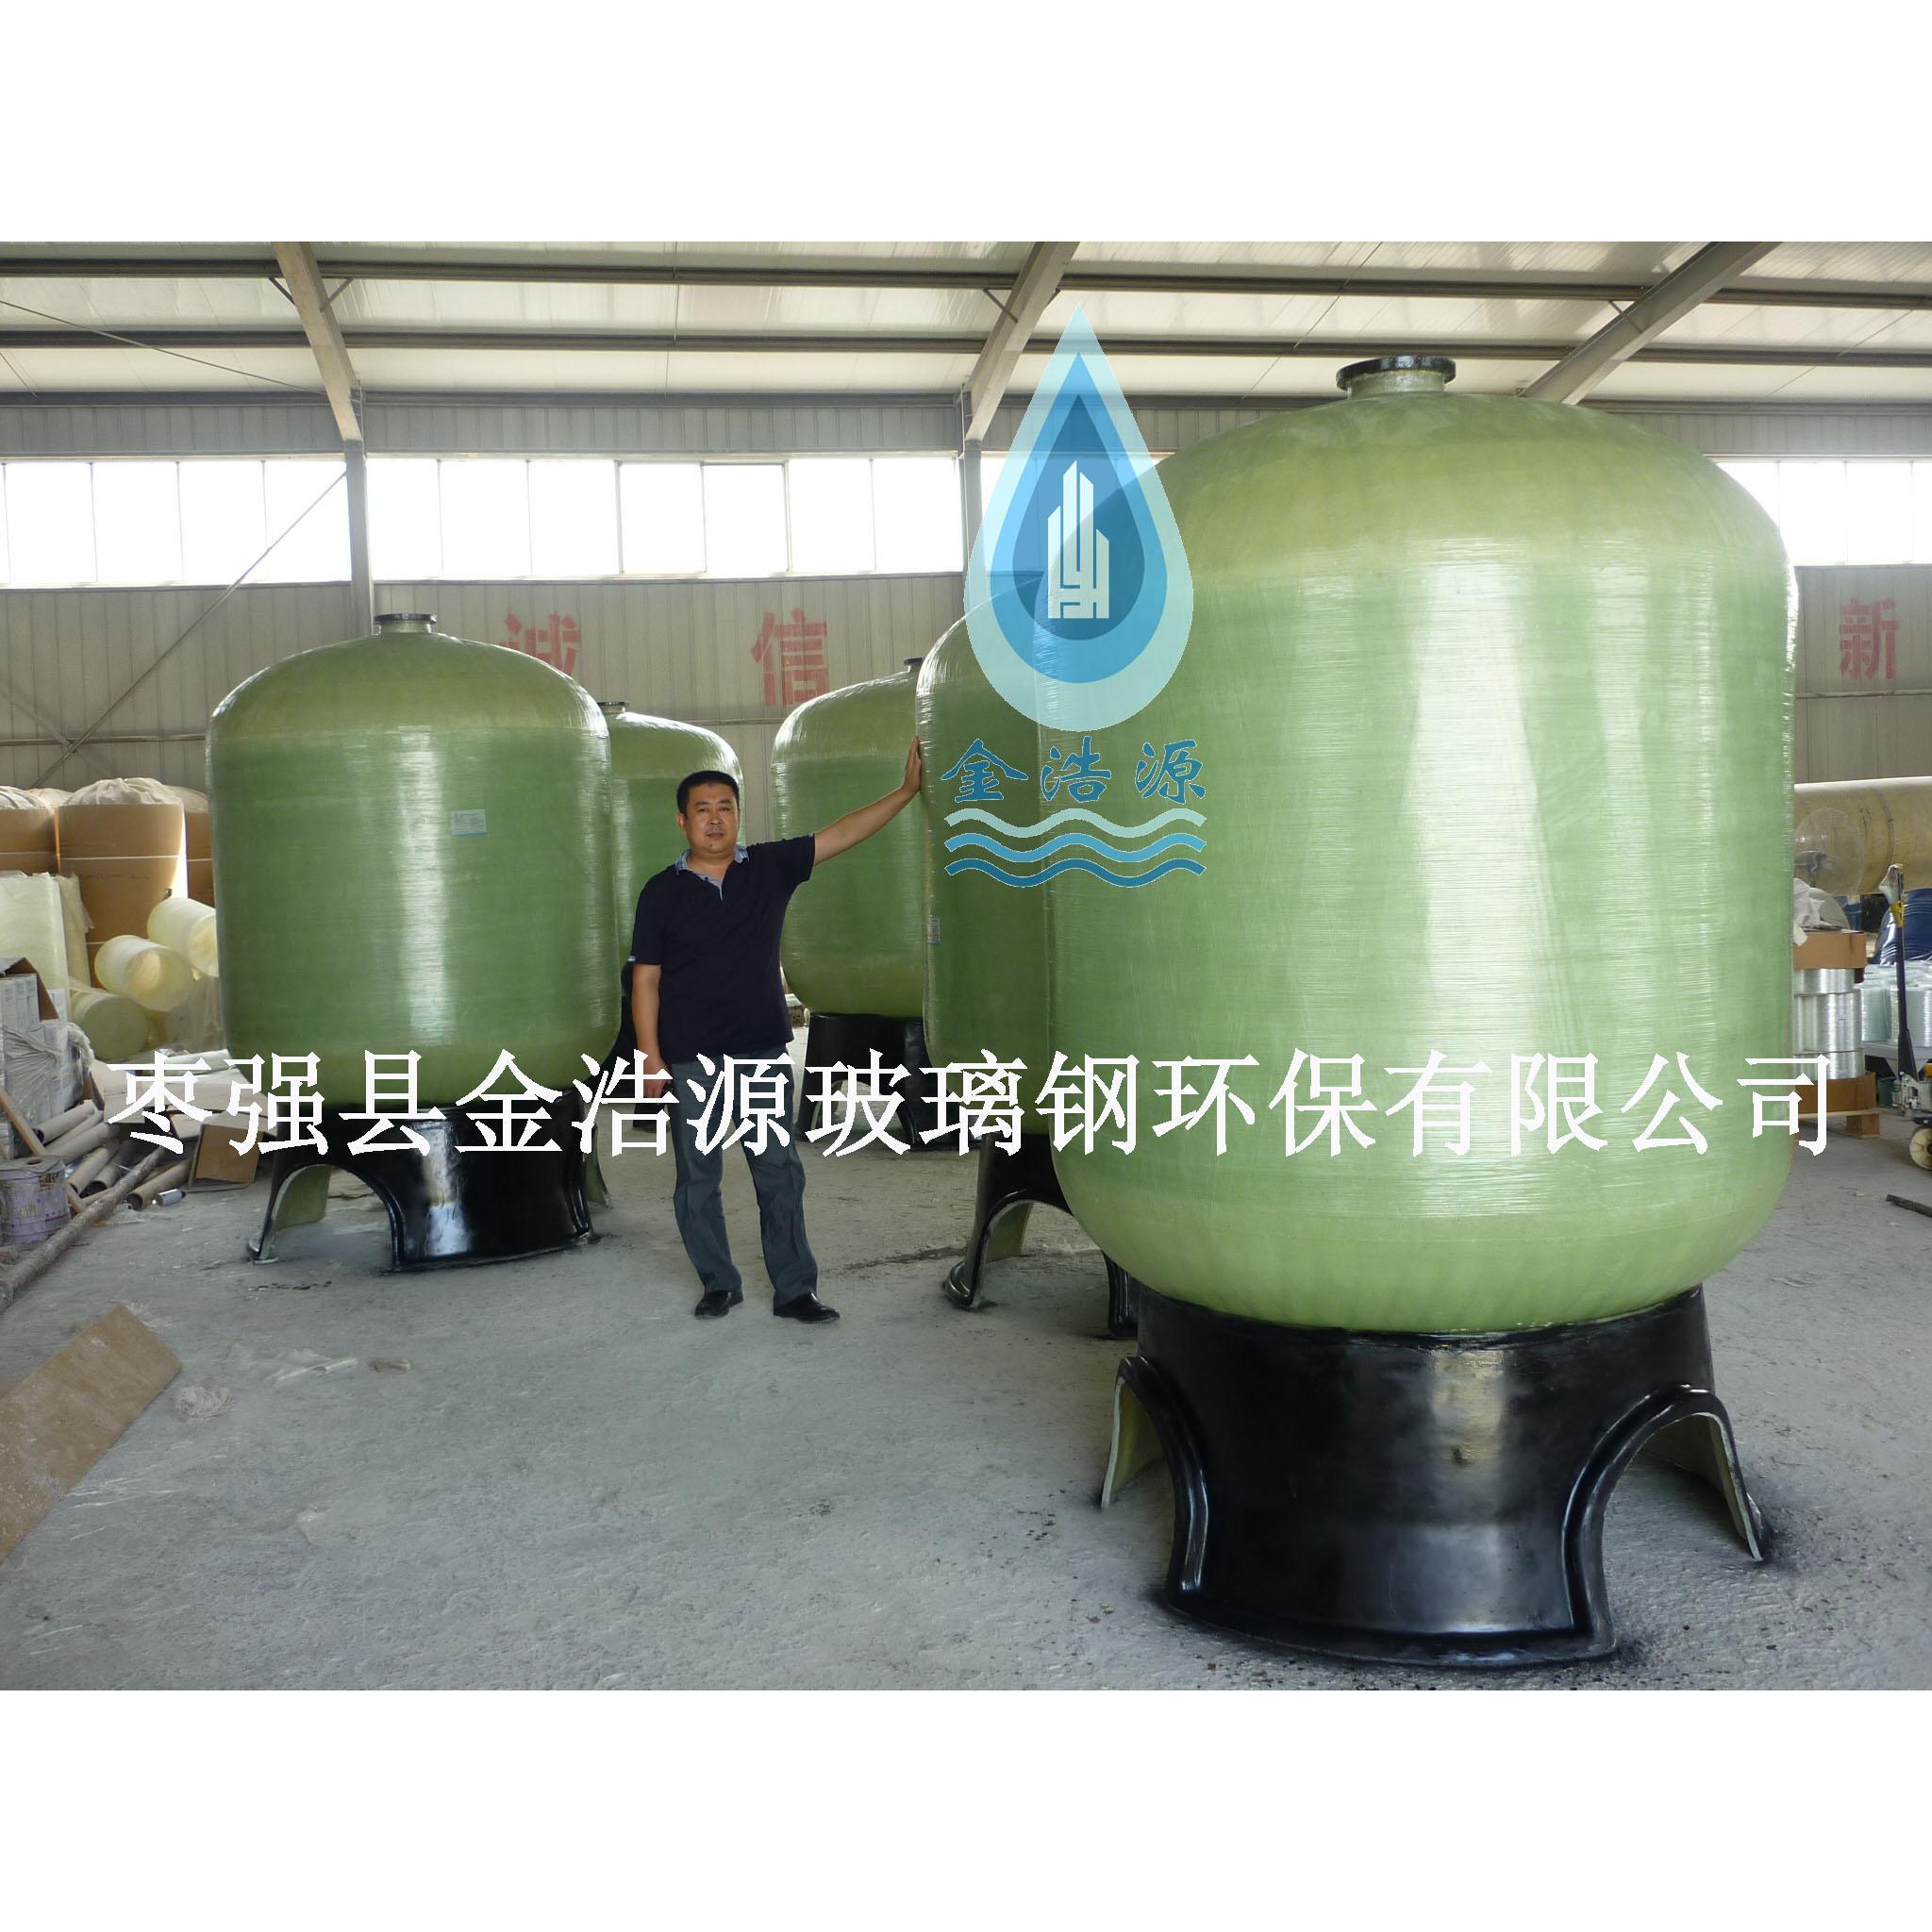 玻璃钢过滤罐具有结构紧凑、混凝反应效果明显、连续自清洗过滤等特点,广泛应用于电子电力、石油化工、冶金电镀、造纸纺织、生活饮用水、工厂企业用水等行业,可满足各行业液体过滤需要。 石英砂过滤罐是利用一种或几种过滤介质,常温操作、耐酸碱、氧化,PH适用范围为2-13。系统配置完善的保护装置和监测仪表,且石英砂过滤罐具有反冲洗 功能,泥垢等污染物很快被冲走,耗水量少,按用户要求可设置全自动功能。在一定的压力下,使原液通过该介质的触絮凝、吸附、截留,去除杂质,从而达到过滤 的目的。石英砂过滤罐内装的填料一般为:石